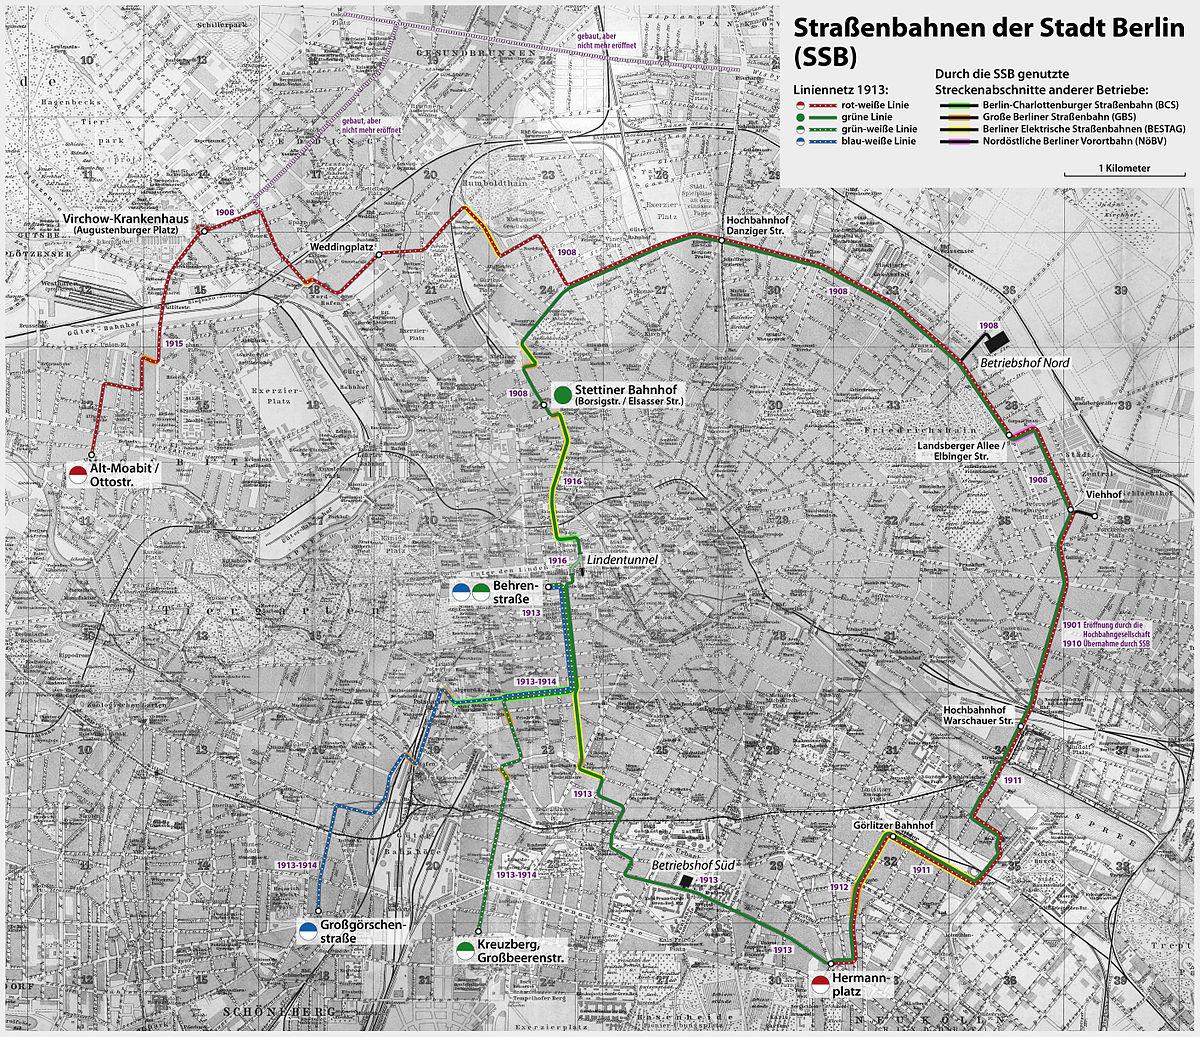 Stra U00dfenbahnen Der Stadt Berlin  U2013 Wikipedia